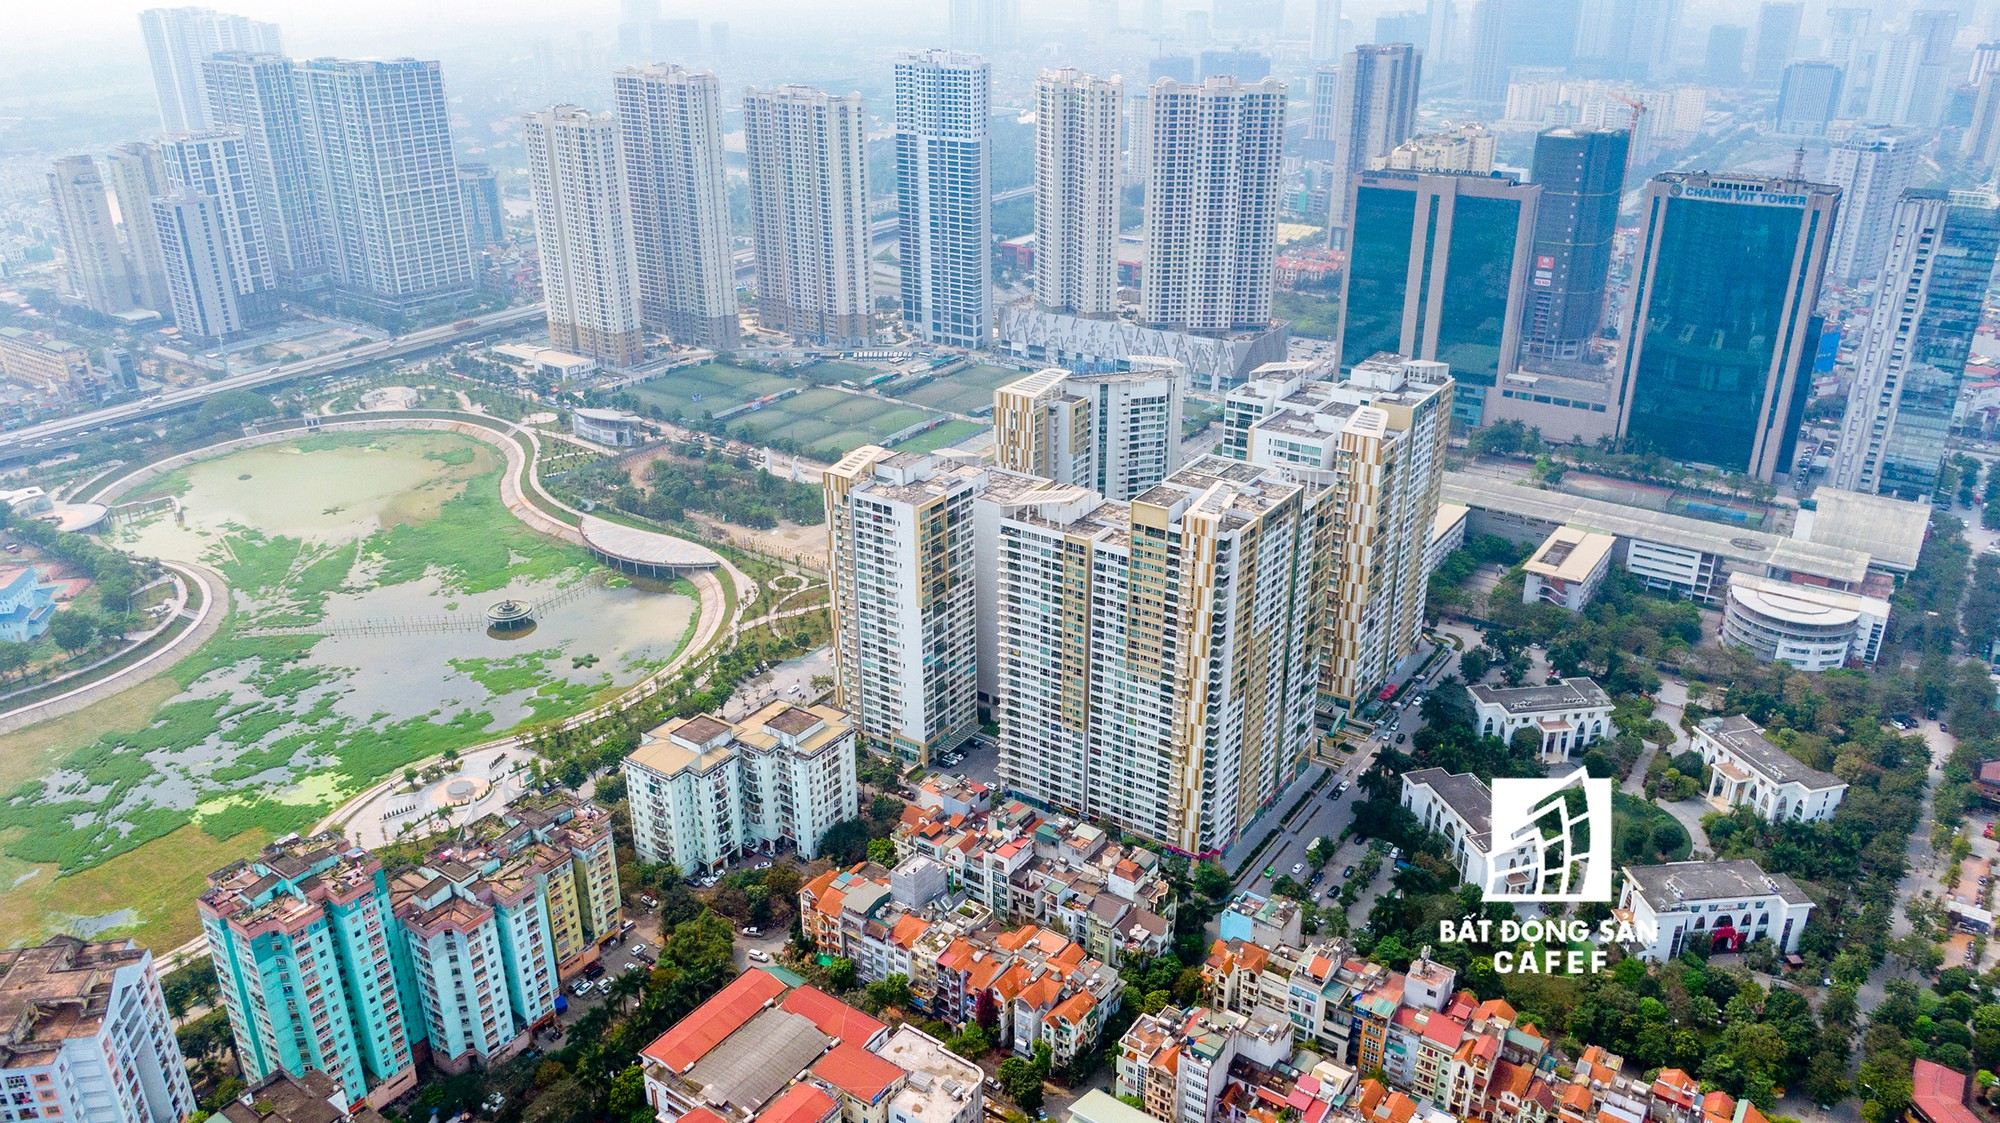 """Toàn cảnh """"rừng"""" cao ốc đang bóp nghẹt khu đô thị kiểu mẫu bậc nhất Hà Nội - Ảnh 13."""